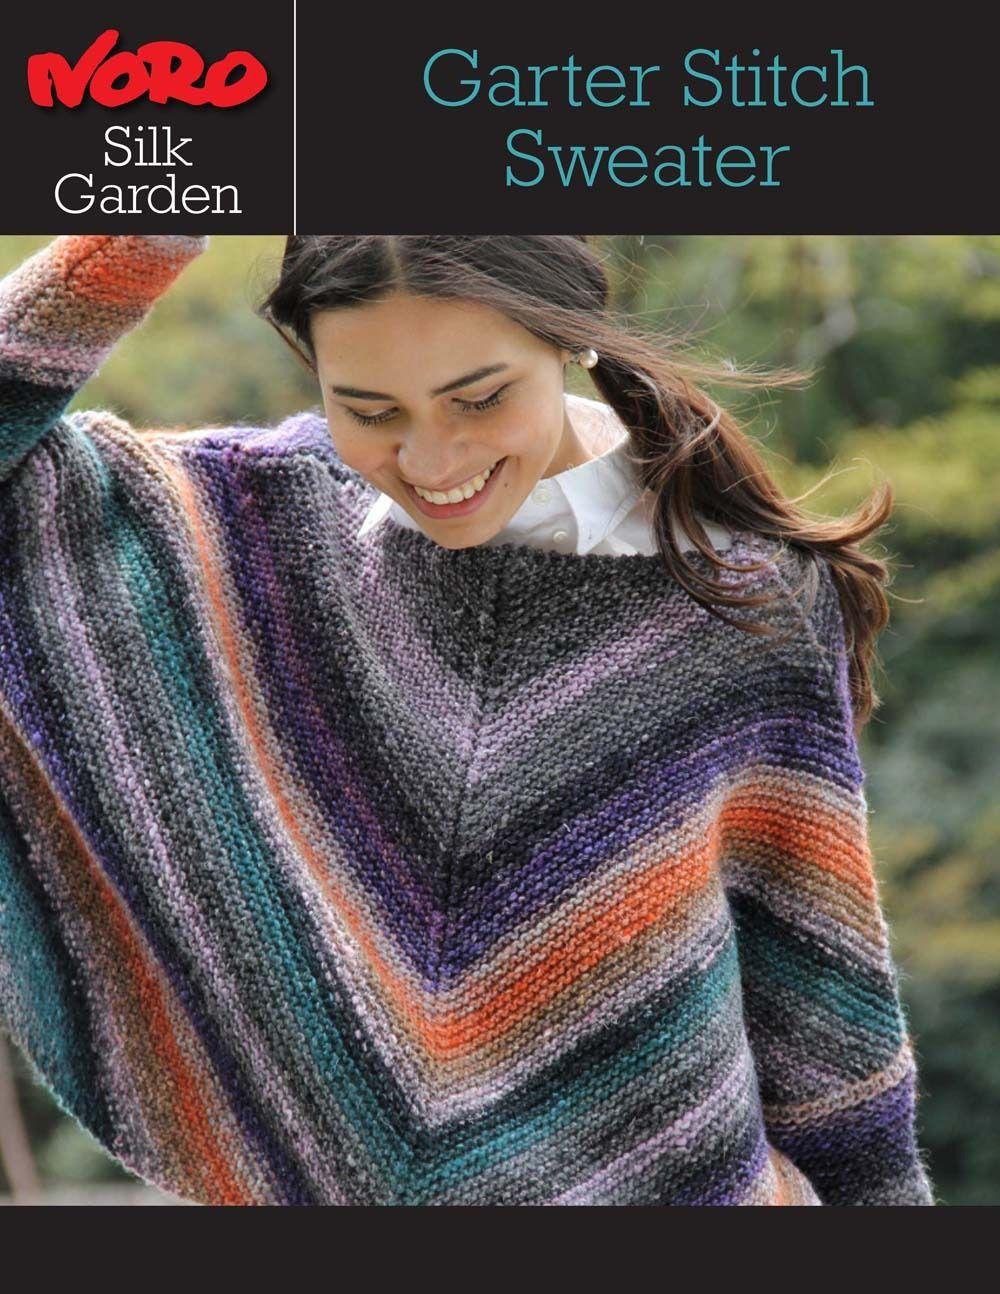 Garter stitch sweater in noro silk garden discover more patterns garter stitch sweater in noro silk garden discover more patterns by noro at loveknitting bankloansurffo Gallery